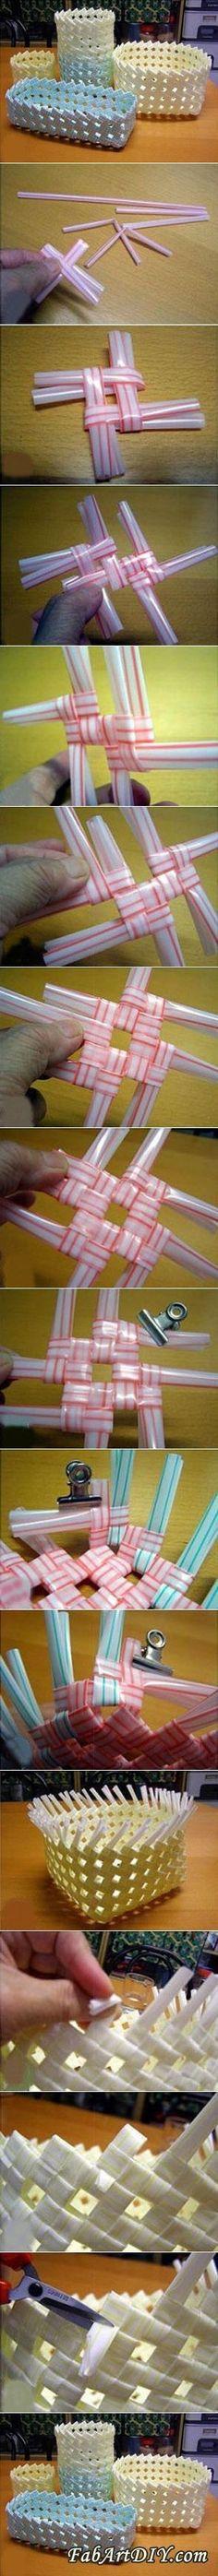 straw basket tutorials